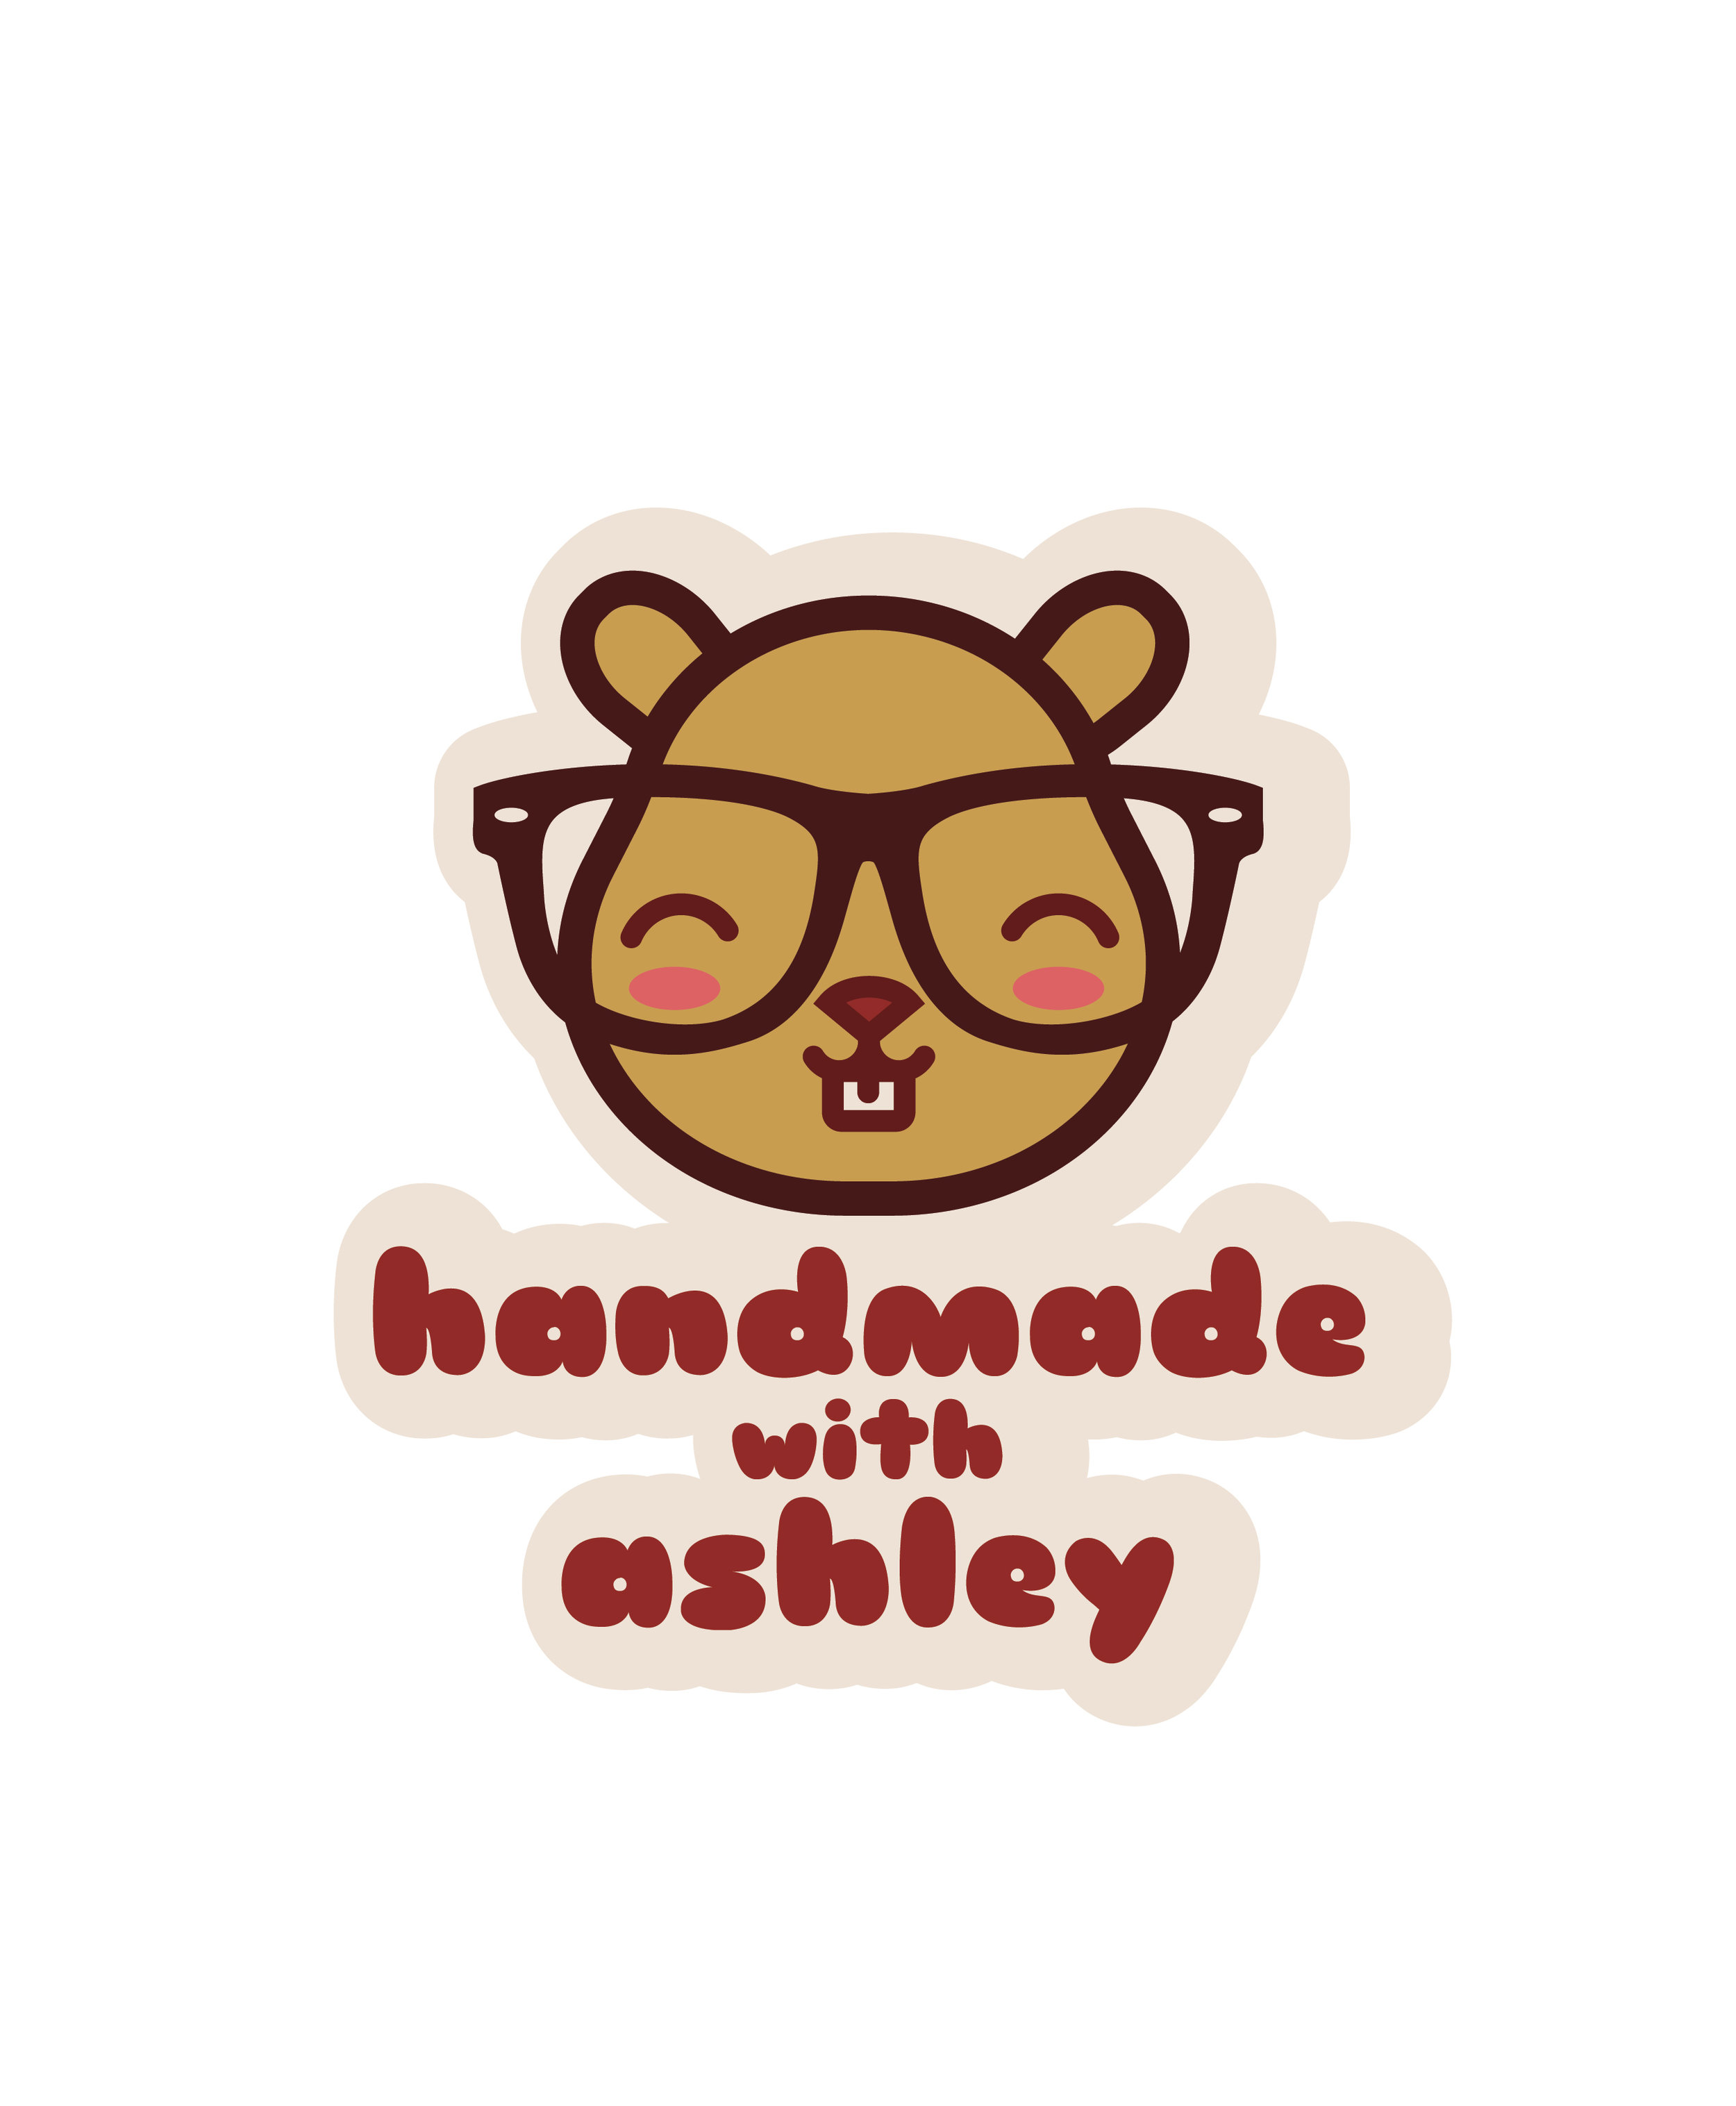 HandmadeWithAshley_LOGO_v1-10.jpg